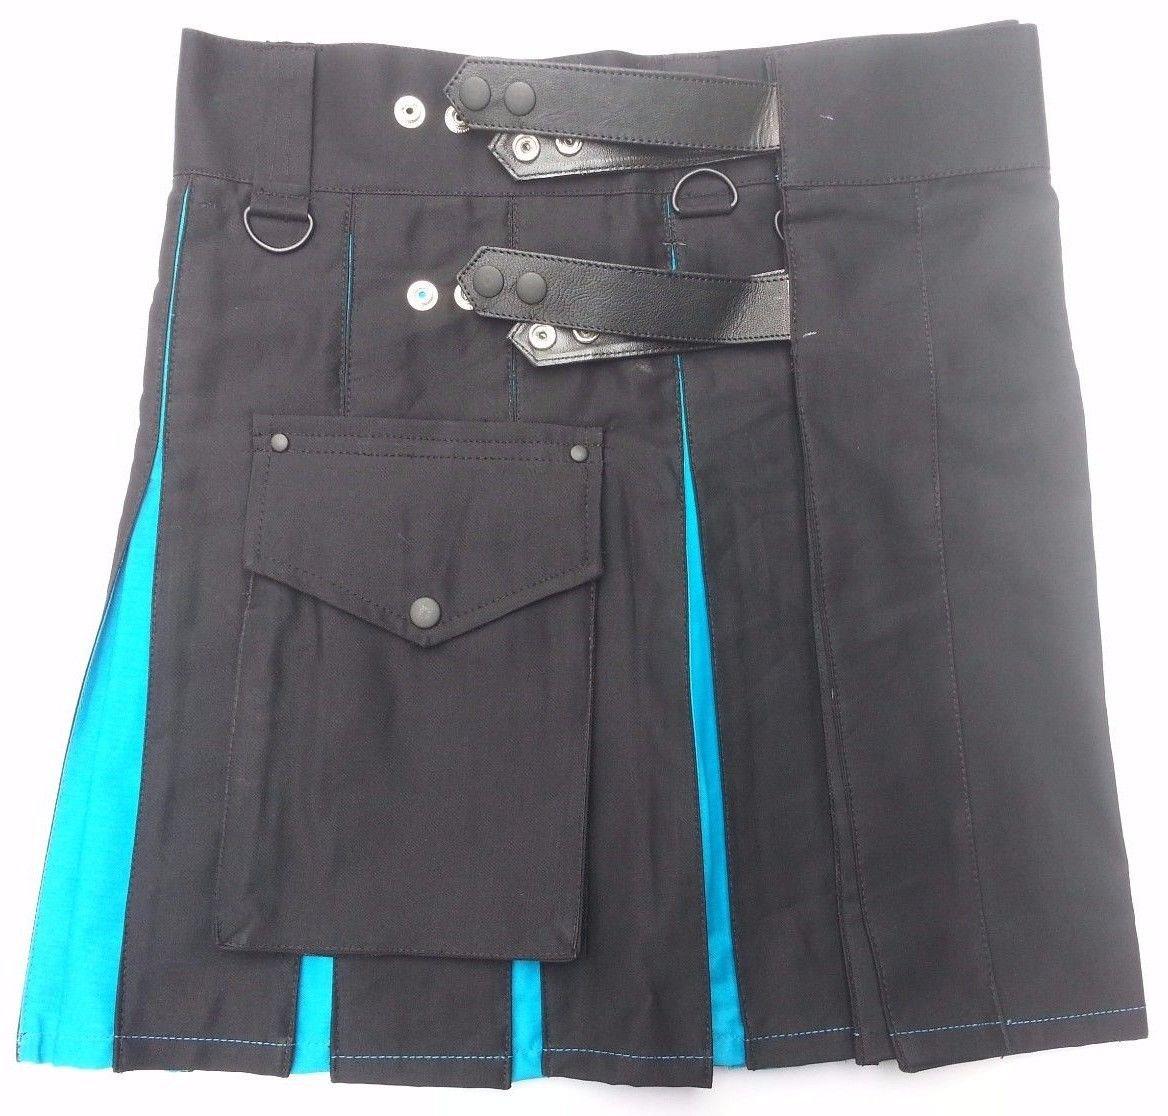 """30"""" Ladies TDK Black & Blue Cotton Hybrid Kilt, Leather Straps Tactical Duty Kilt Black/Blue Cotton"""